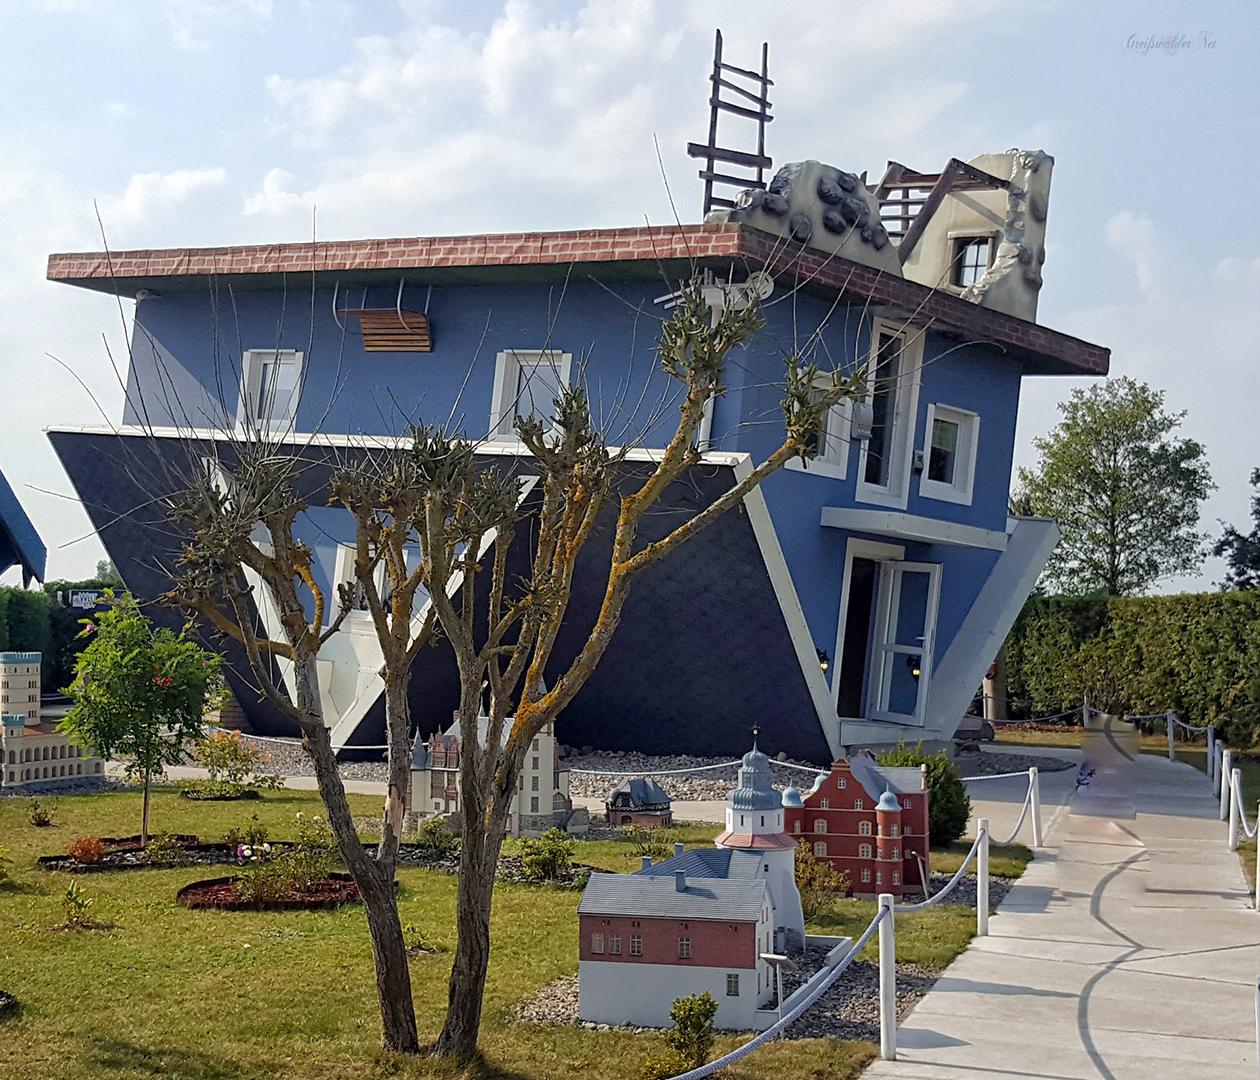 Haus steht Kopf in Trassenheide auf der Insel Usedom